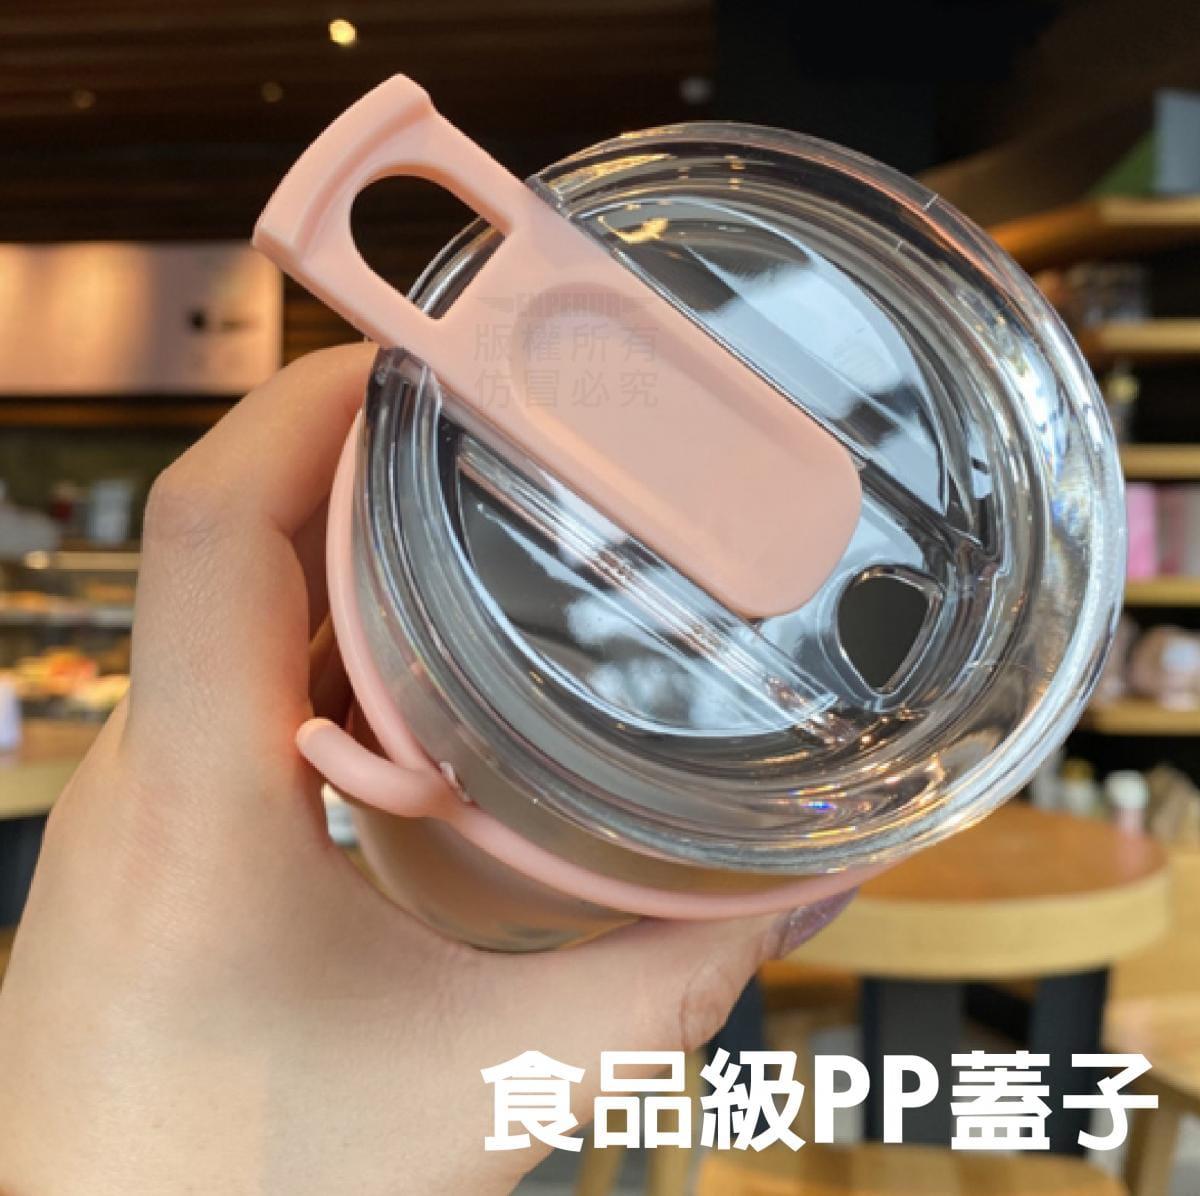 矽膠手提咖啡杯 7